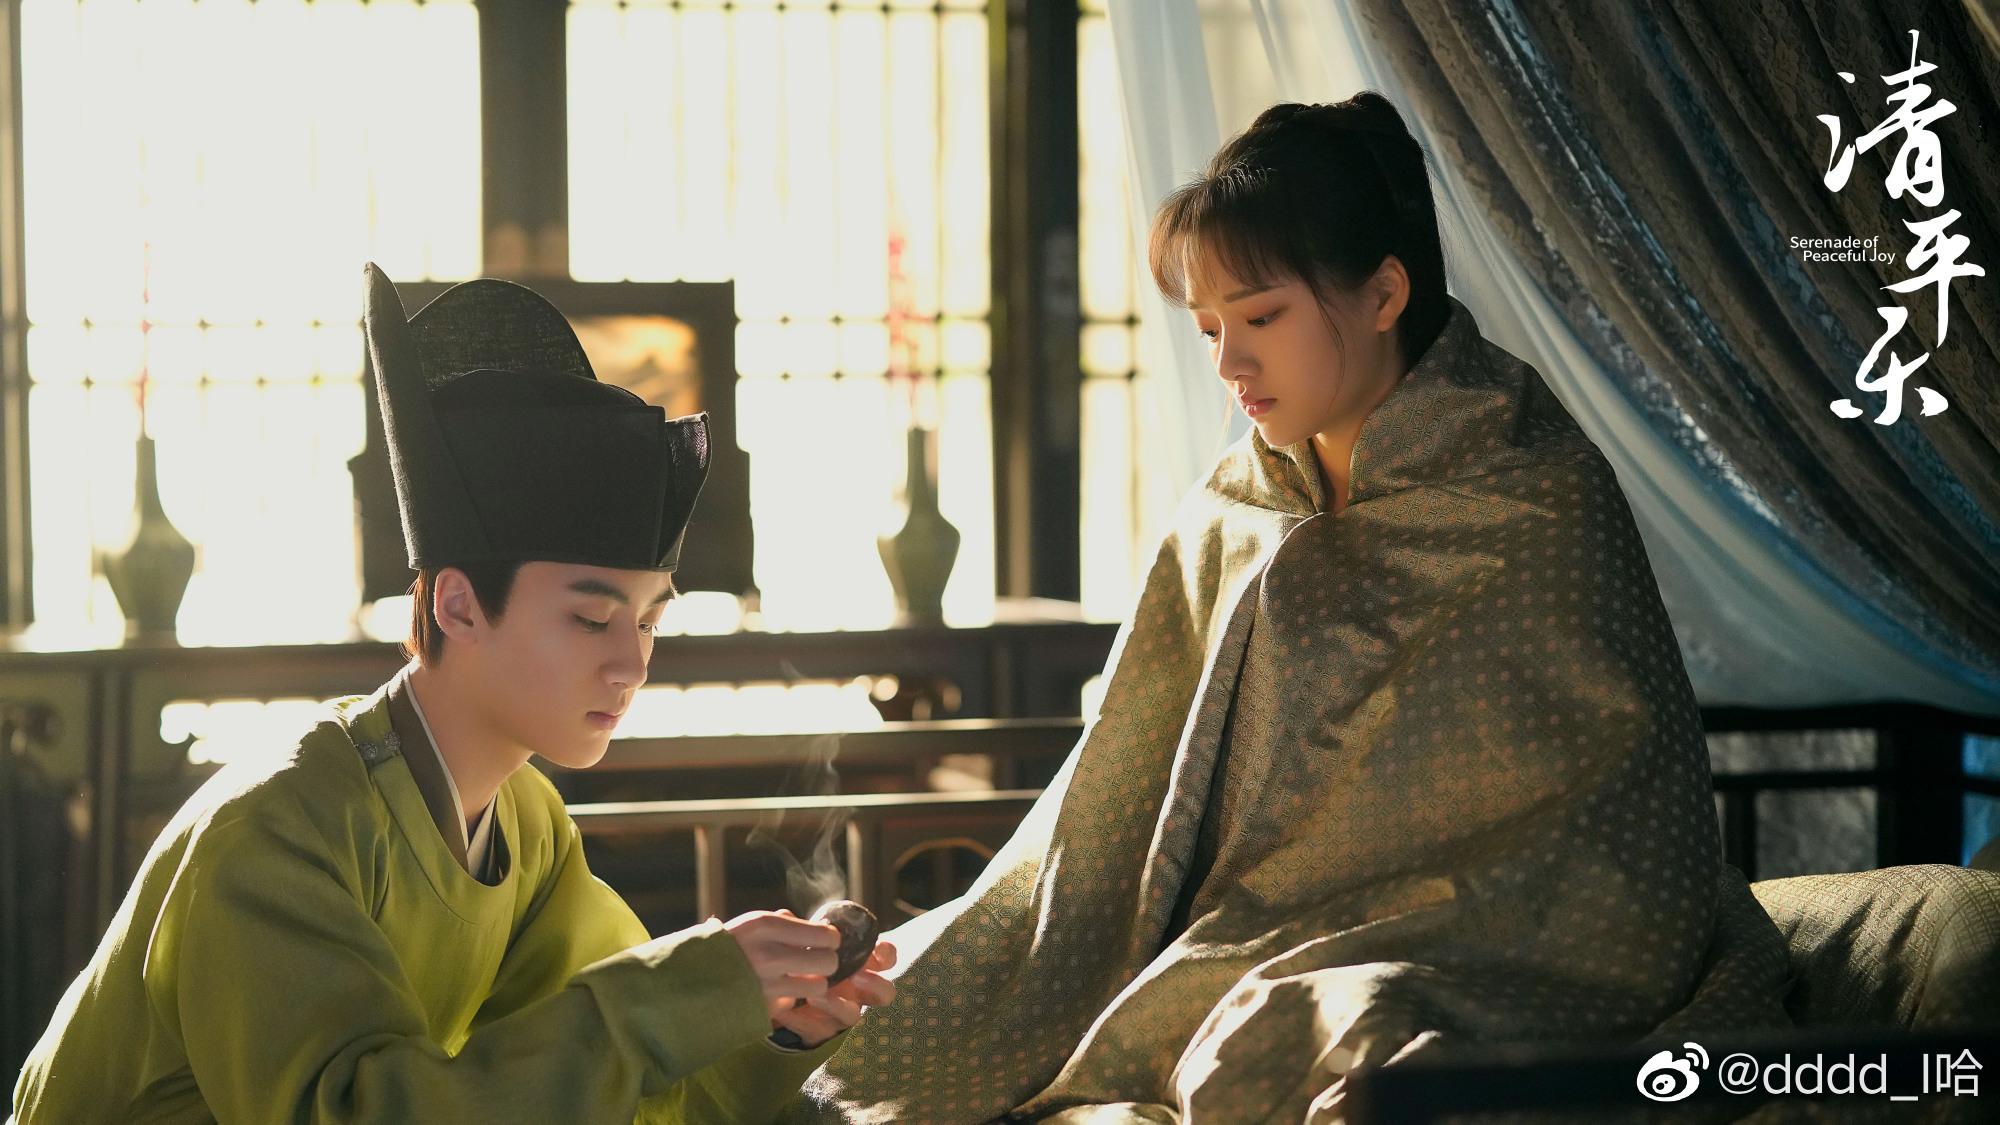 Đến khi Huy Nhusắp lấy chồng, vẫn là Hoài Cát ngồi xổm bên giường bóc vỏ khoai cho nàng